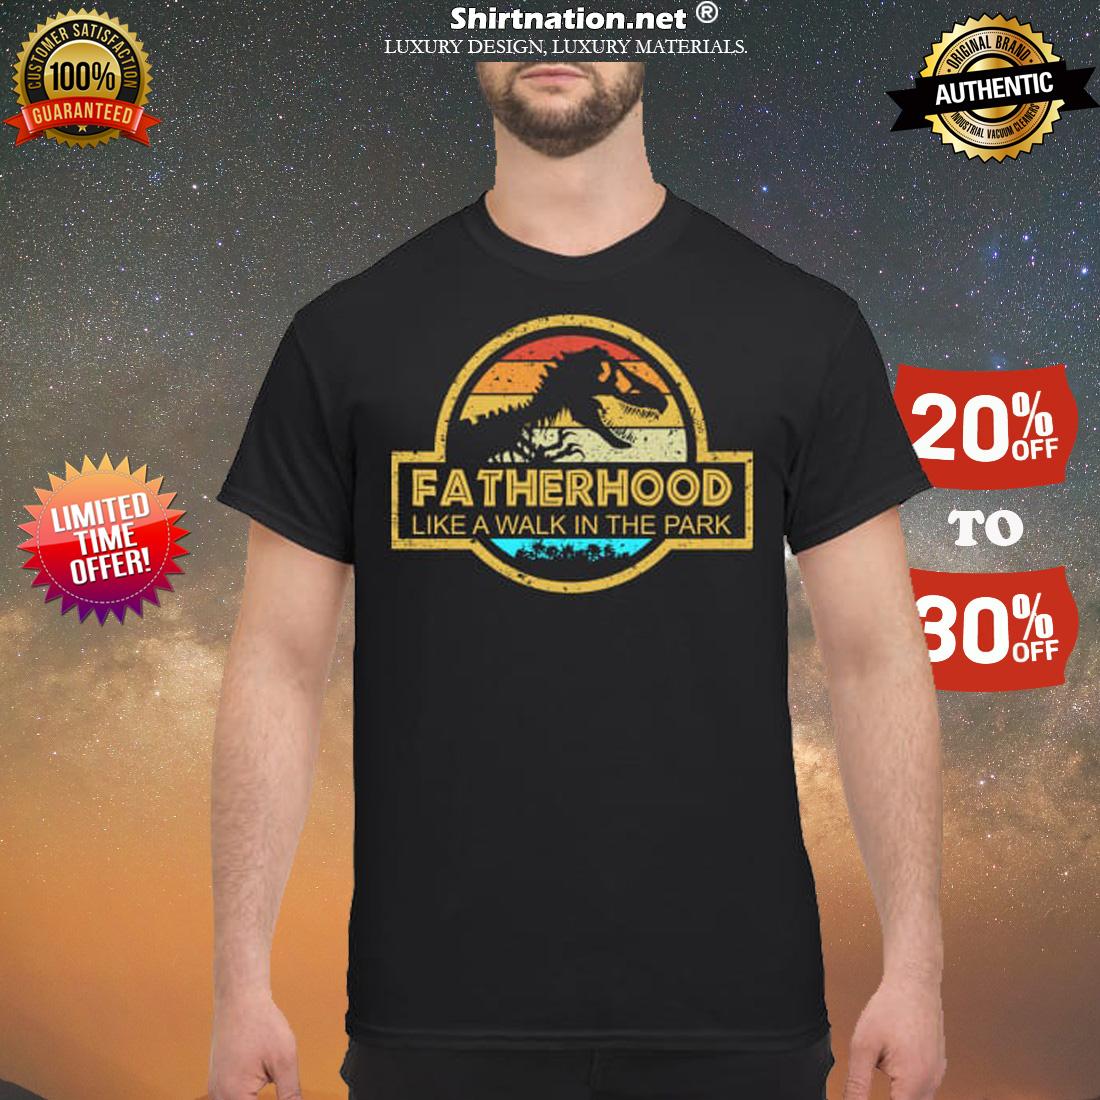 Fatherhood like a walk t shirt